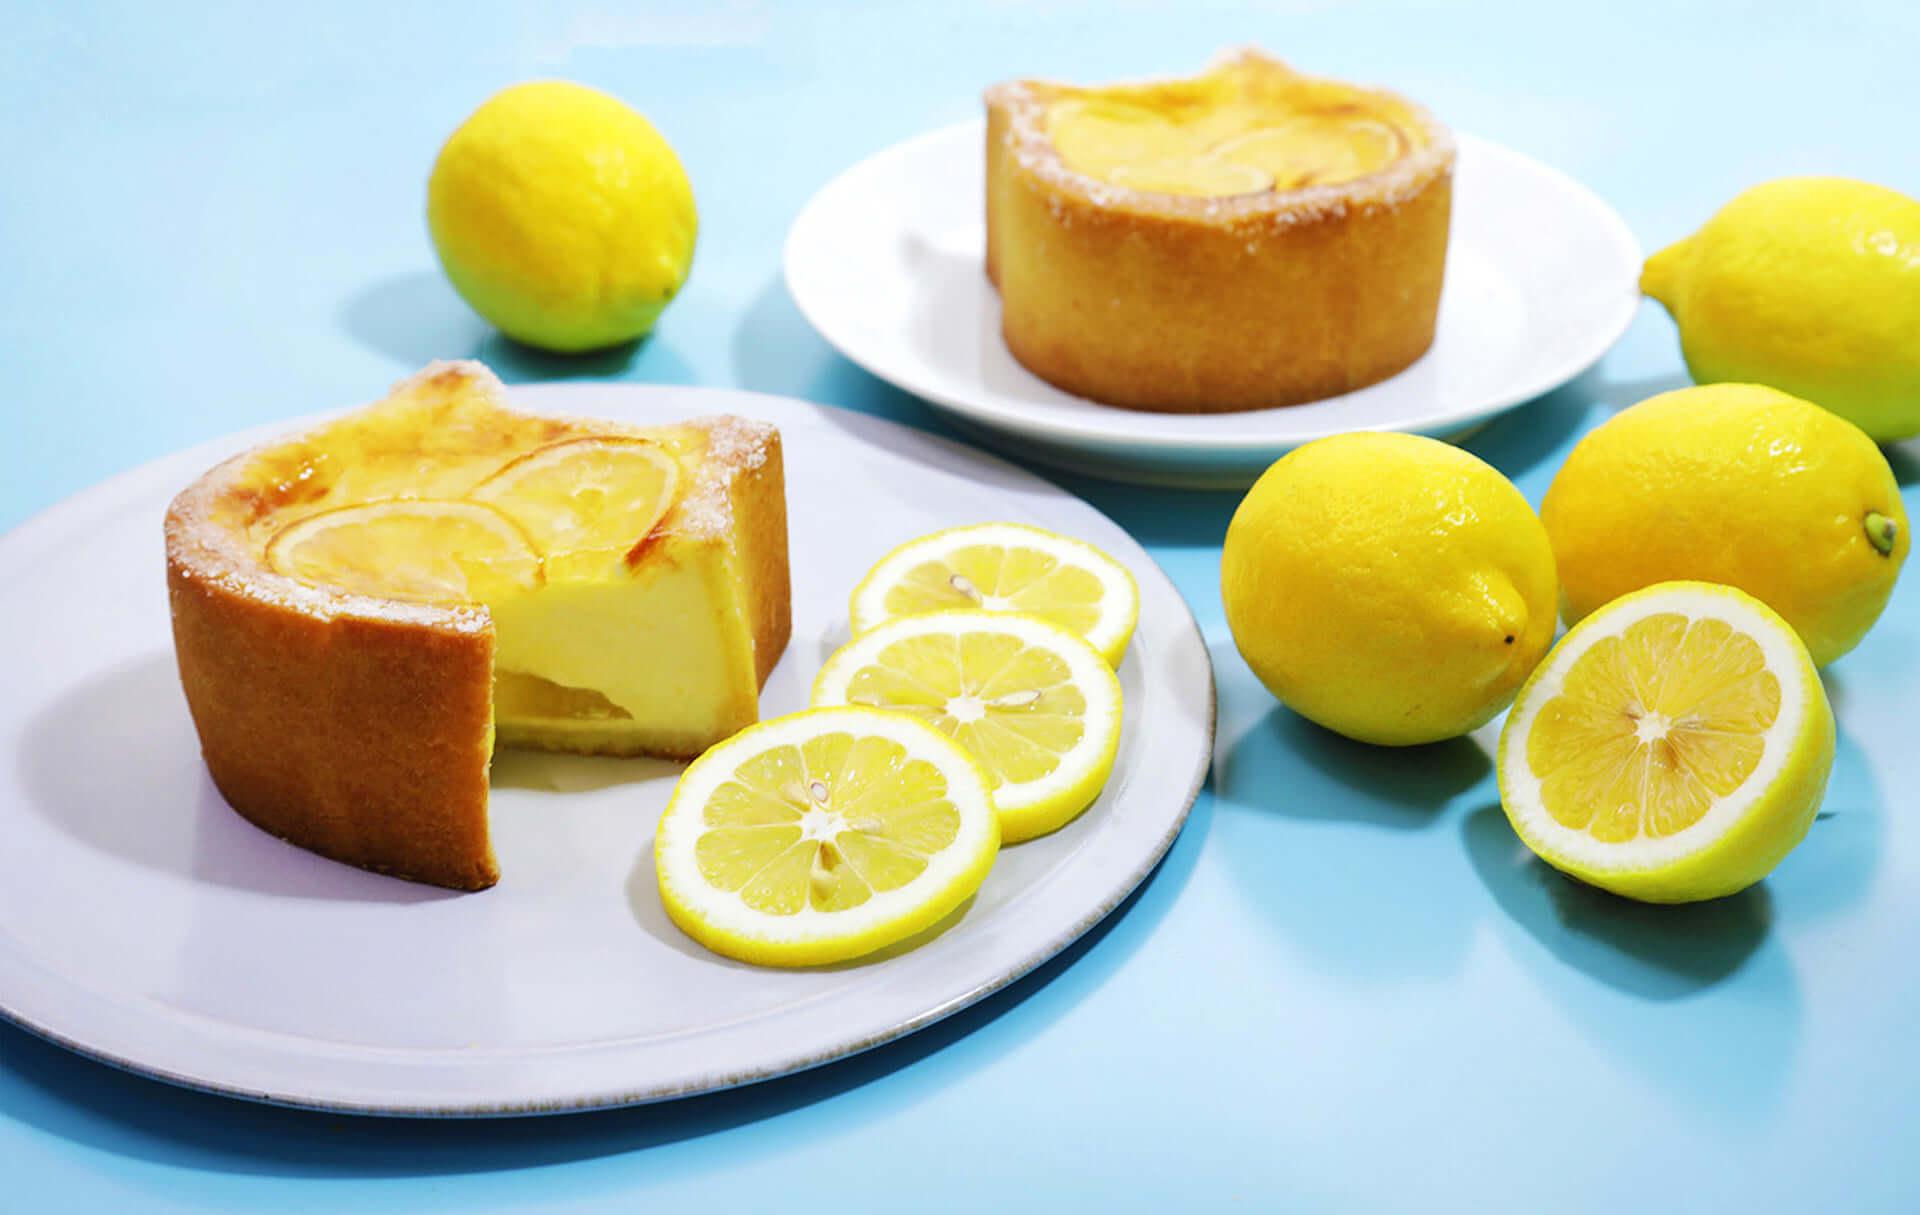 クリームの甘さとレモンの酸味がたまらない『ねこねこチーズケーキ~瀬戸内レモン~』が夏季・数量限定で新登場! gourmet200630_nekoneko_cheesecake_05-1920x1215